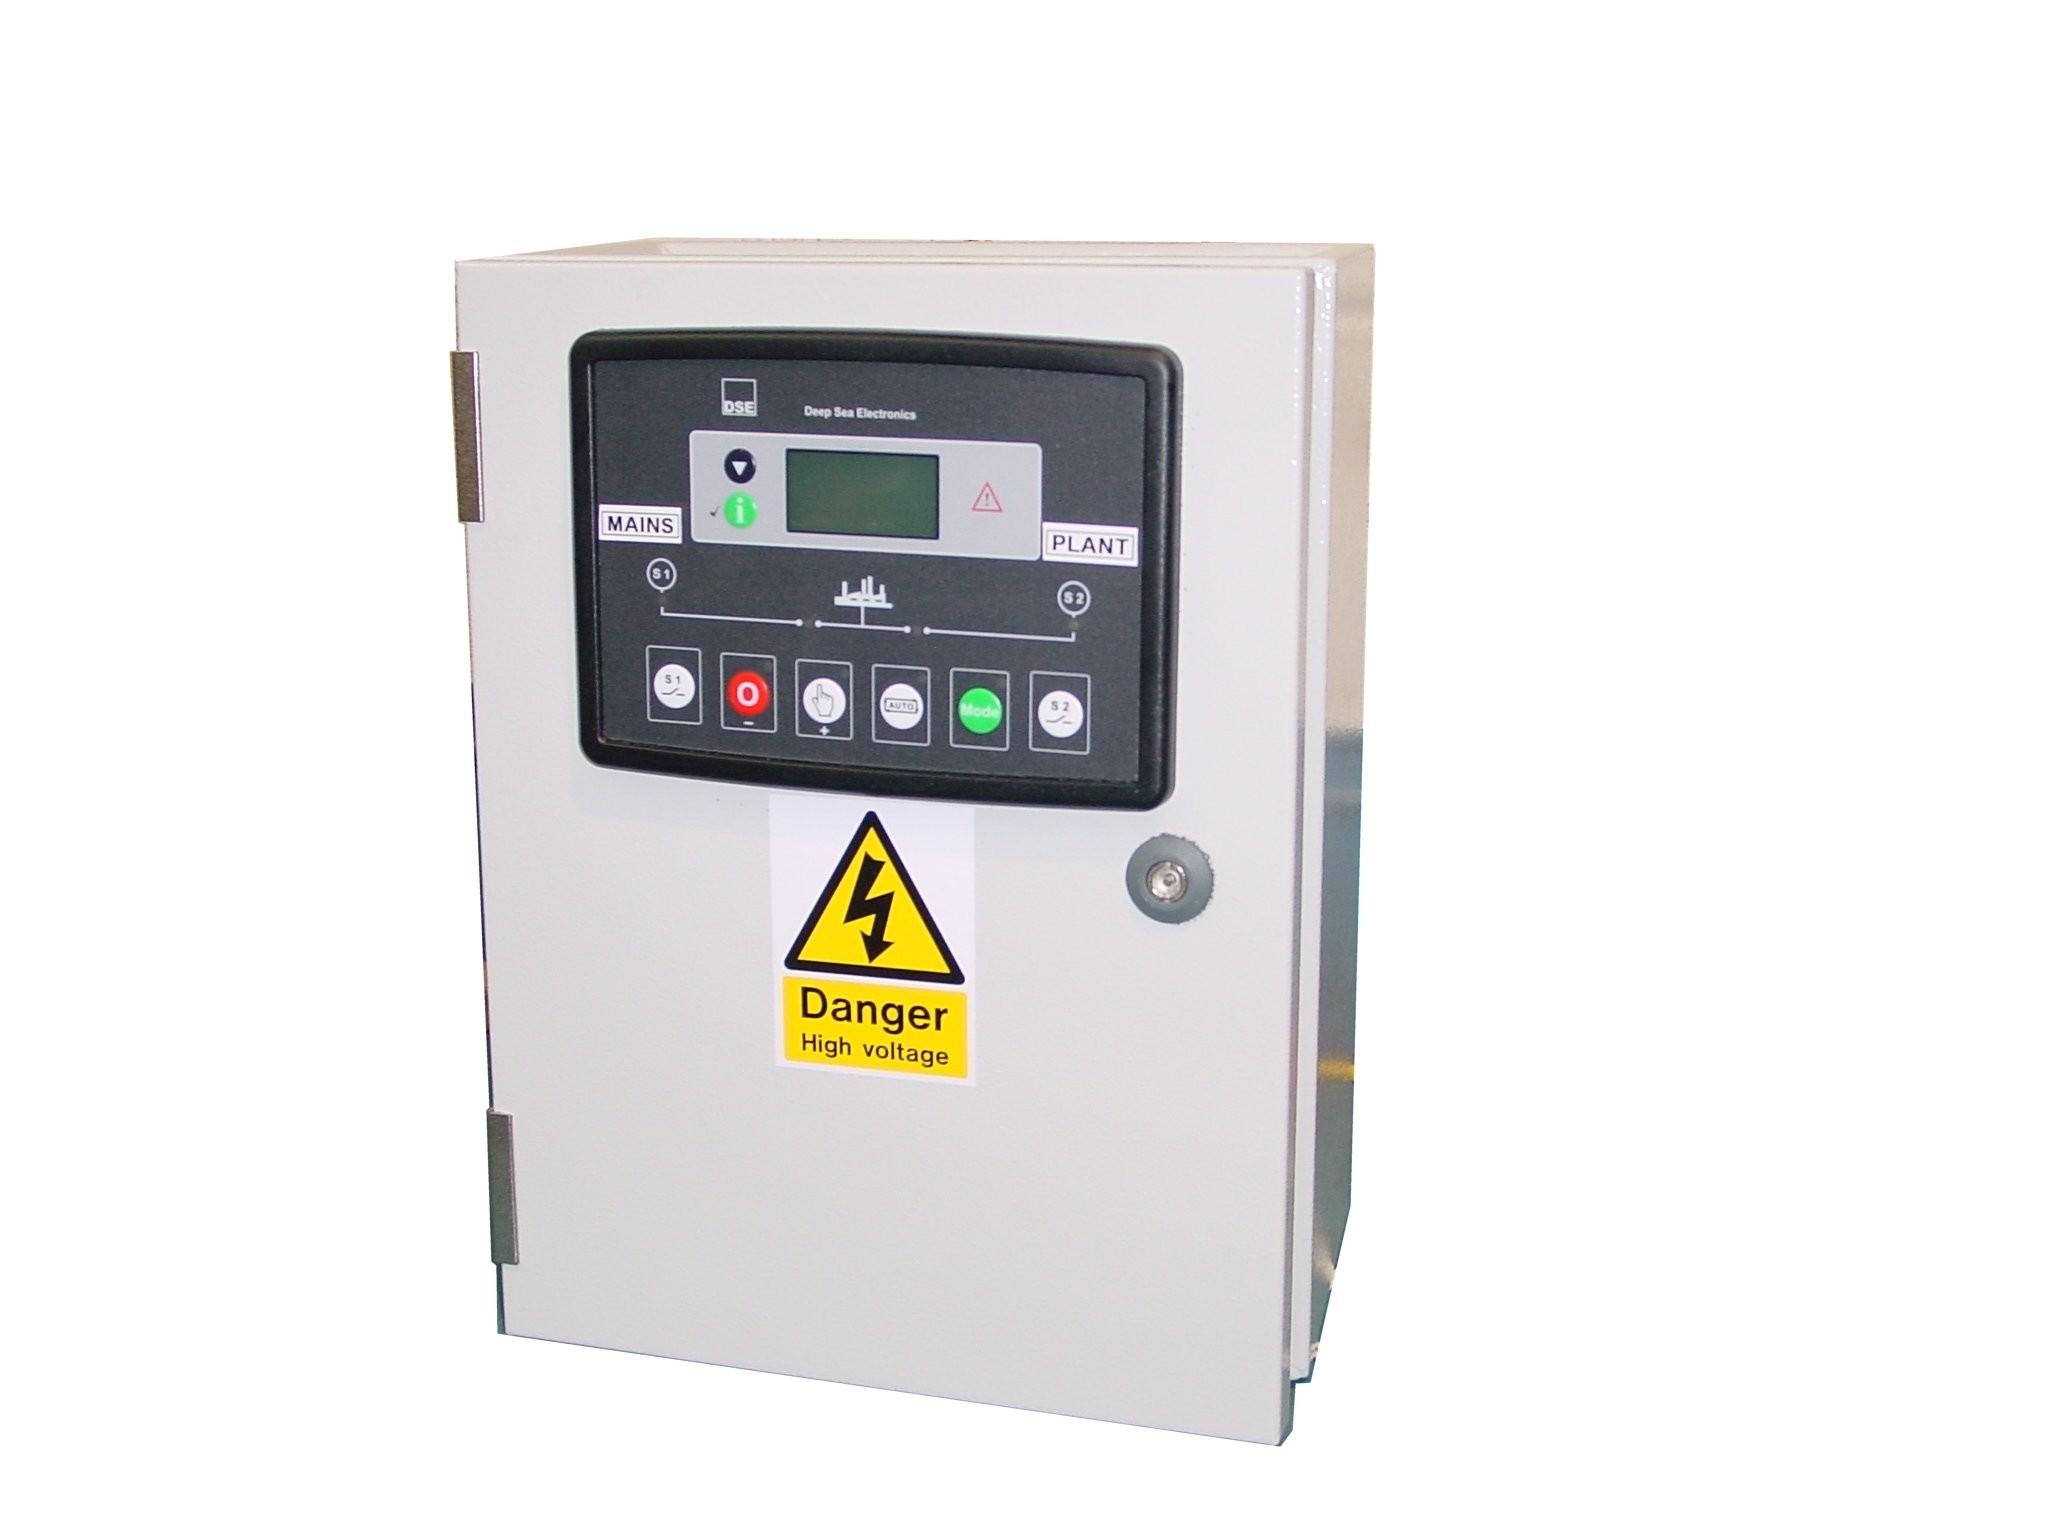 70A ATS 3 Phase 400V, DSE334, ABB Contactors